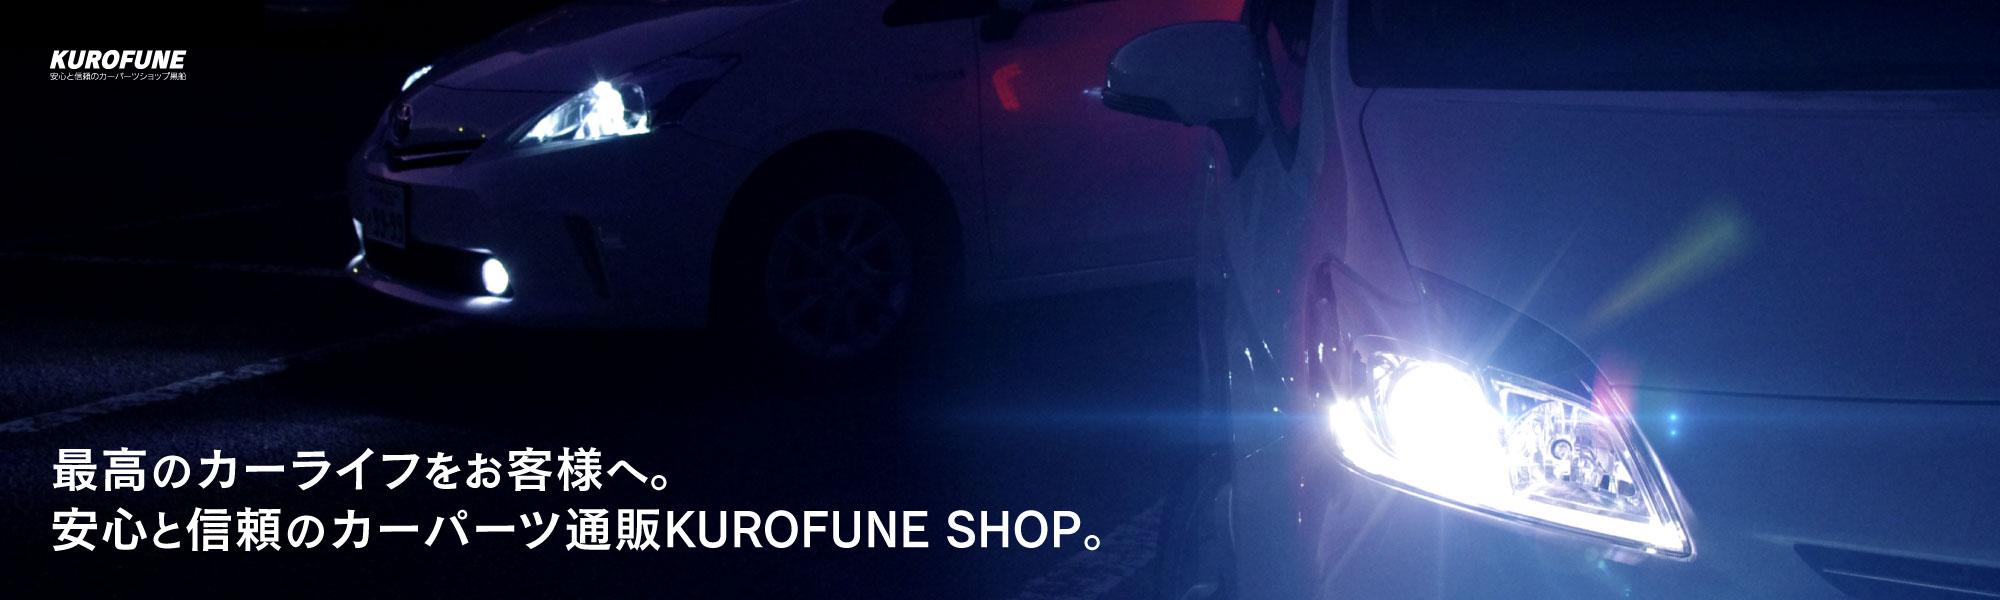 KUROFUNE/黒船トップ画像